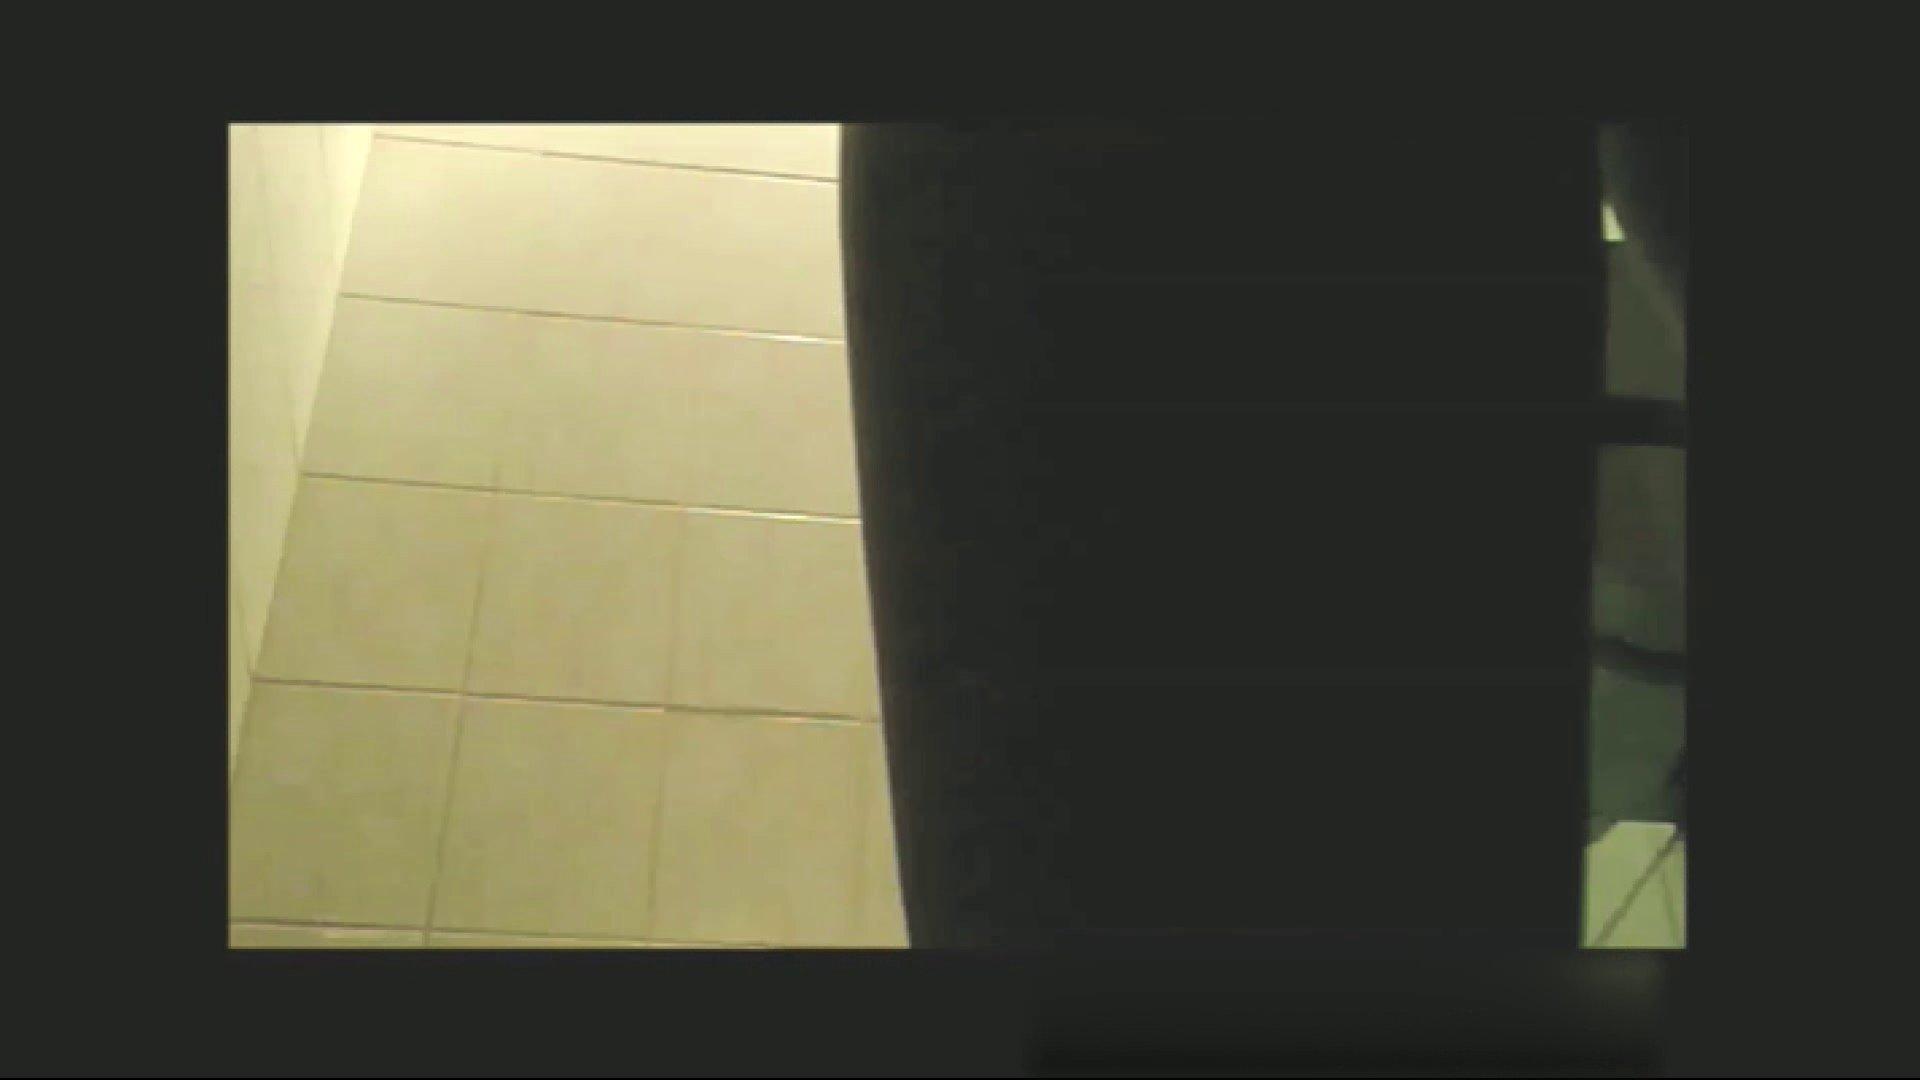 ティーンガールのトイレ覗き‼vol.02 トイレ ワレメ無修正動画無料 92PIX 21